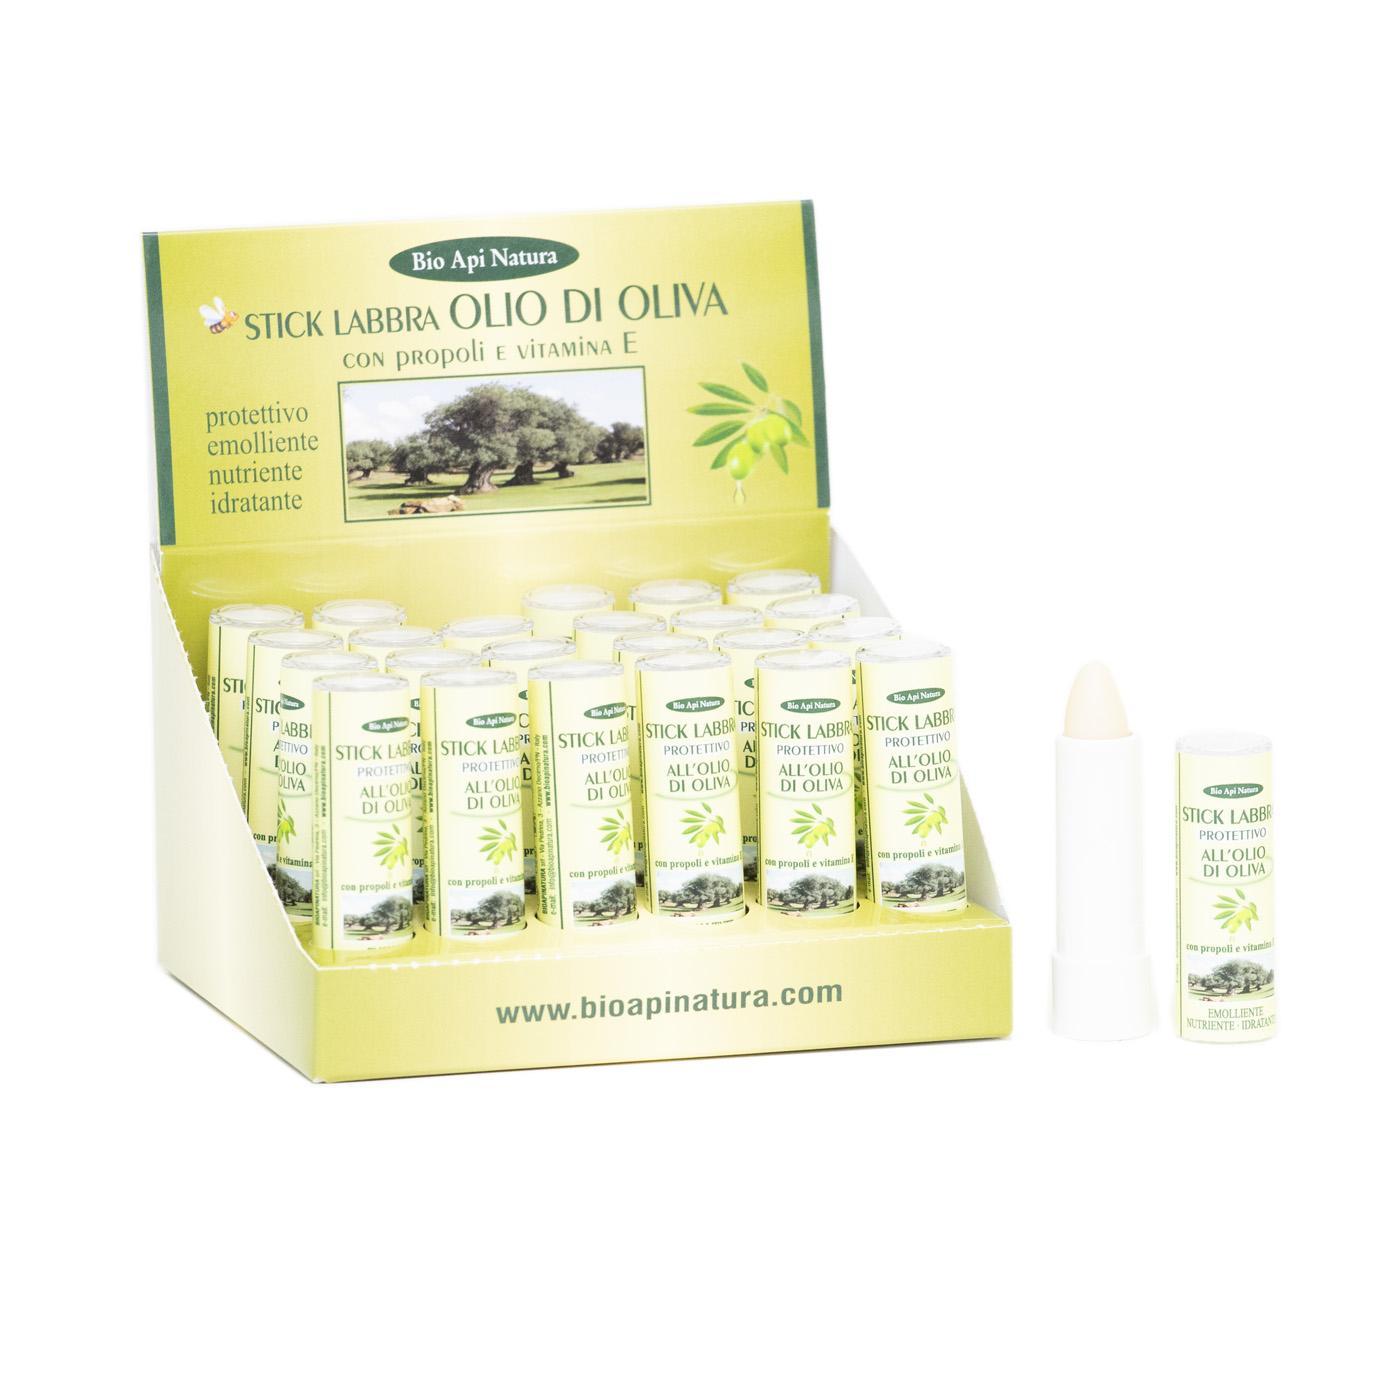 Stick Labbra all'olio d'oliva, propoli, vitamina E – 4 g